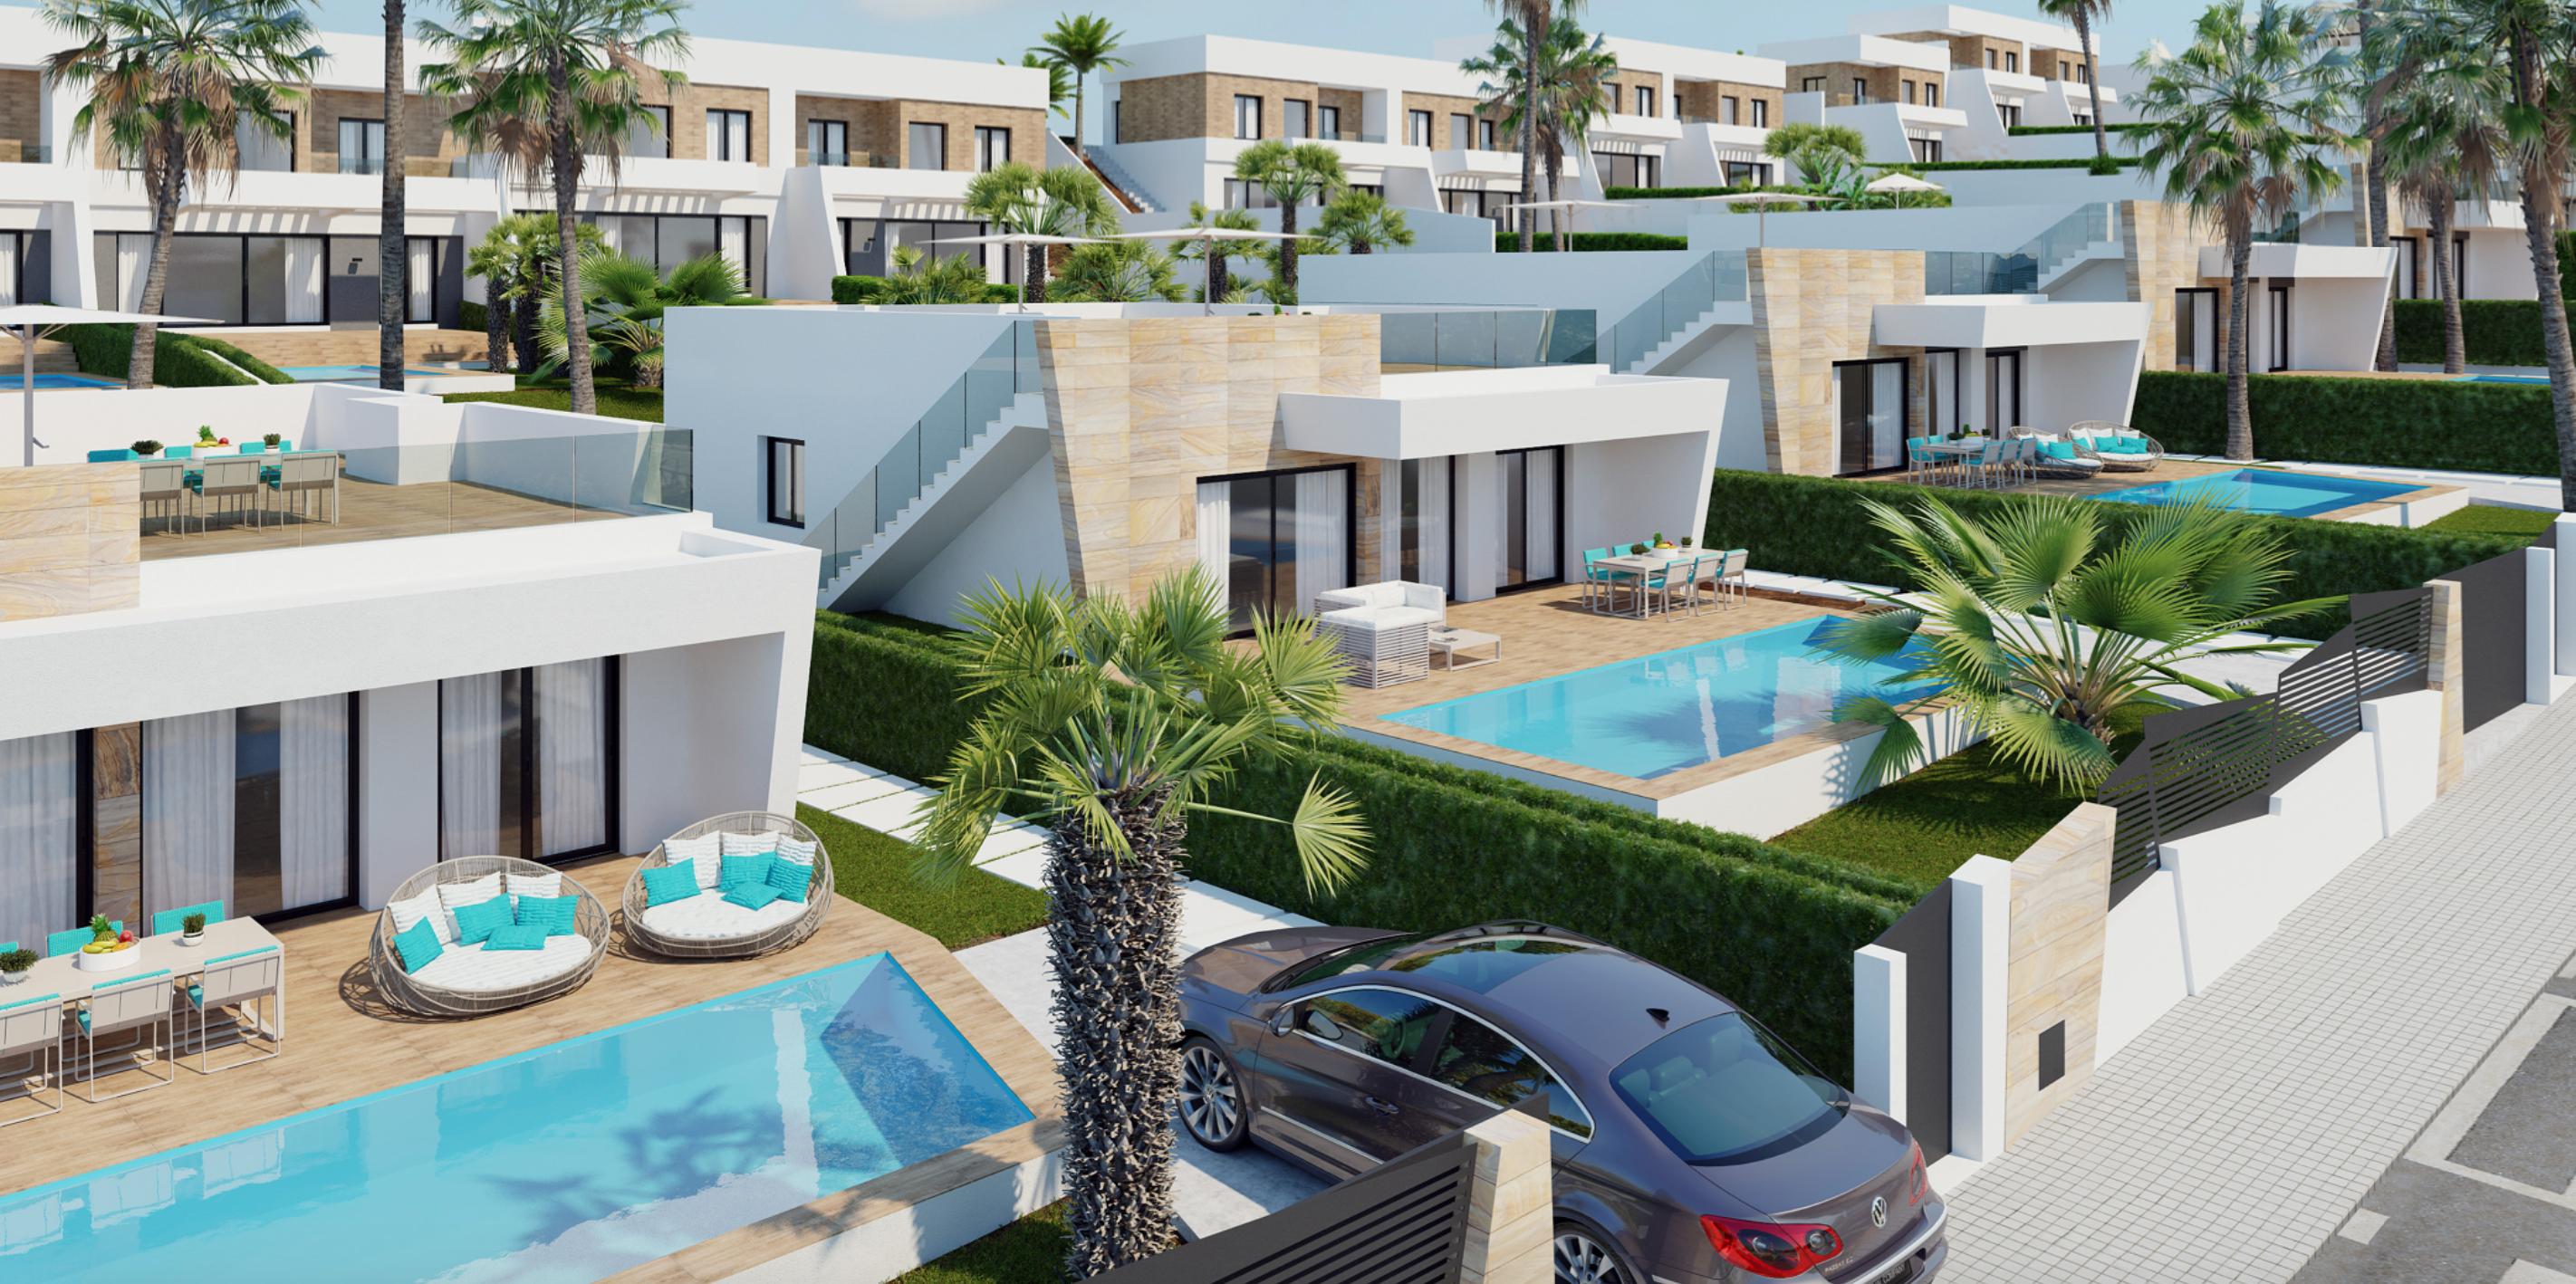 Finestrat villa €309.000